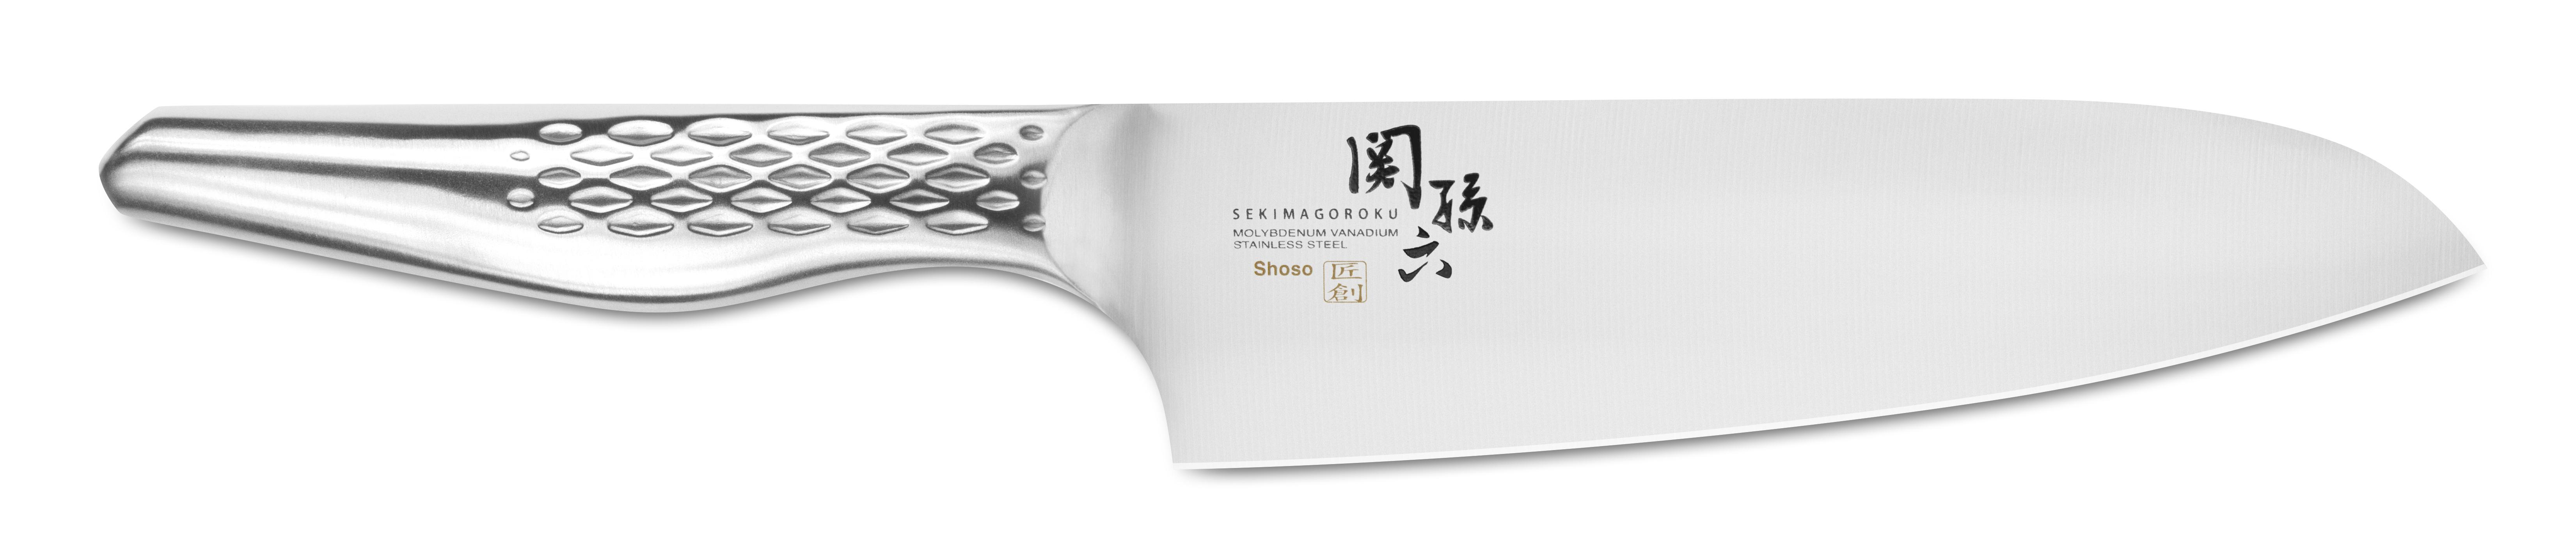 KAI SEKI MAGOROKU Shoso AB-5156